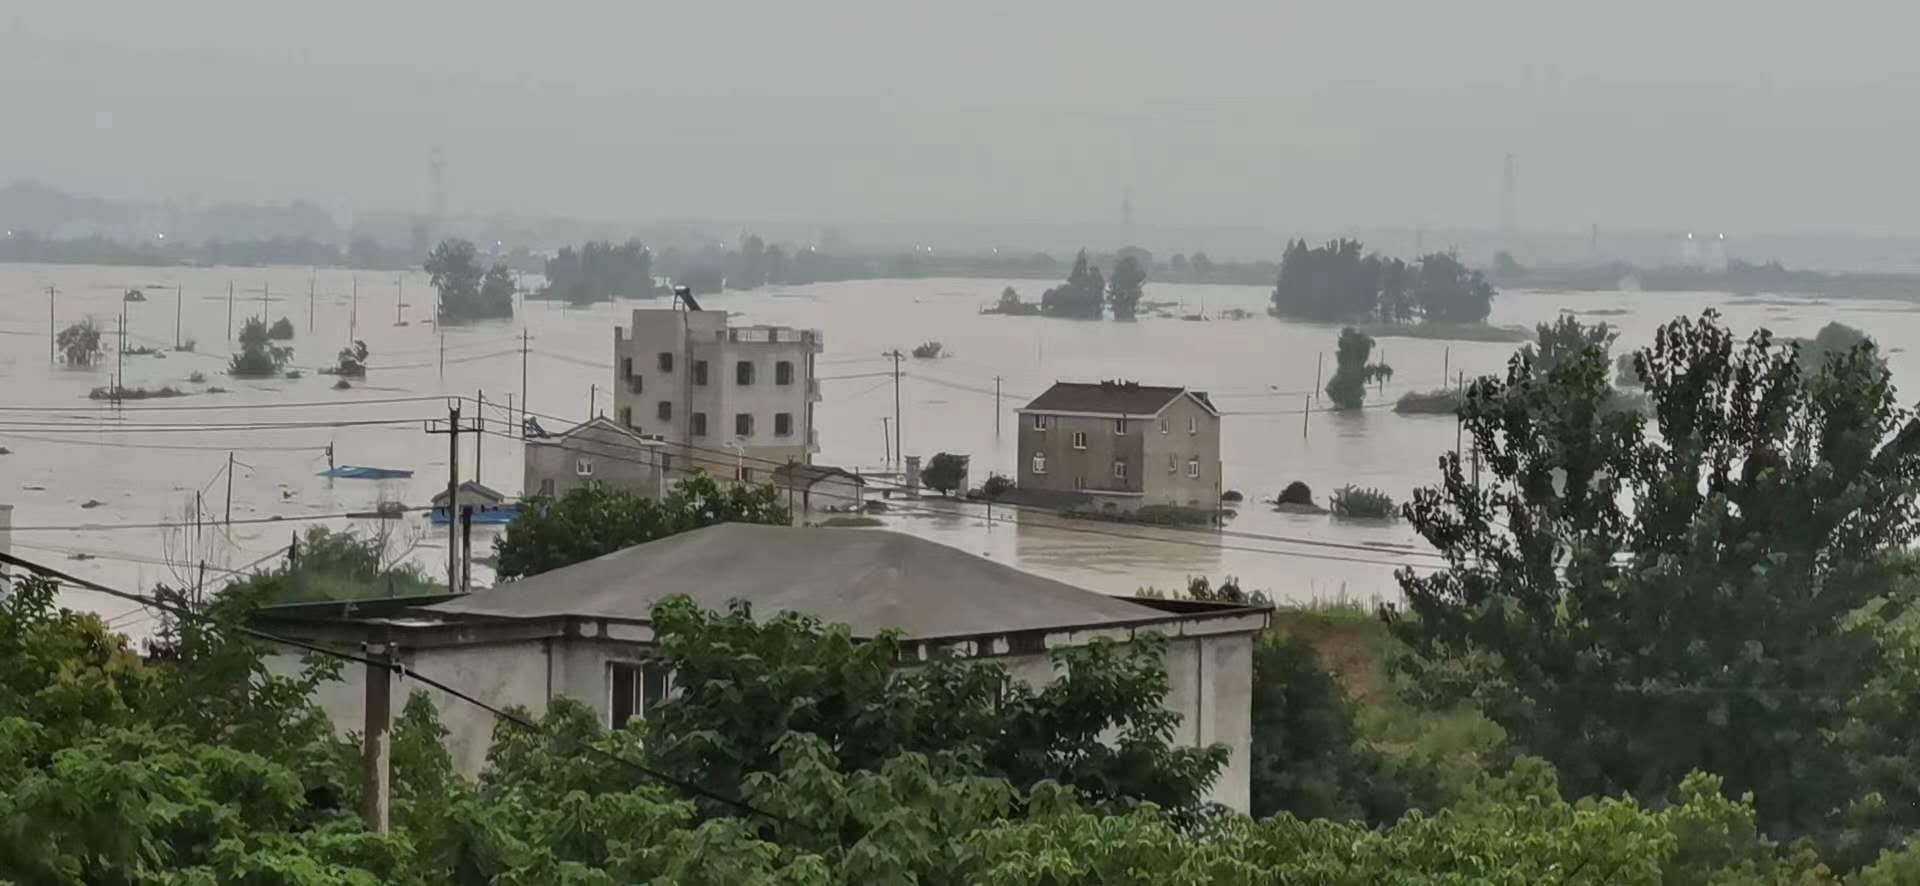 安徽枞阳县城团结圩4年后再溃破,G347国道交通临时中断